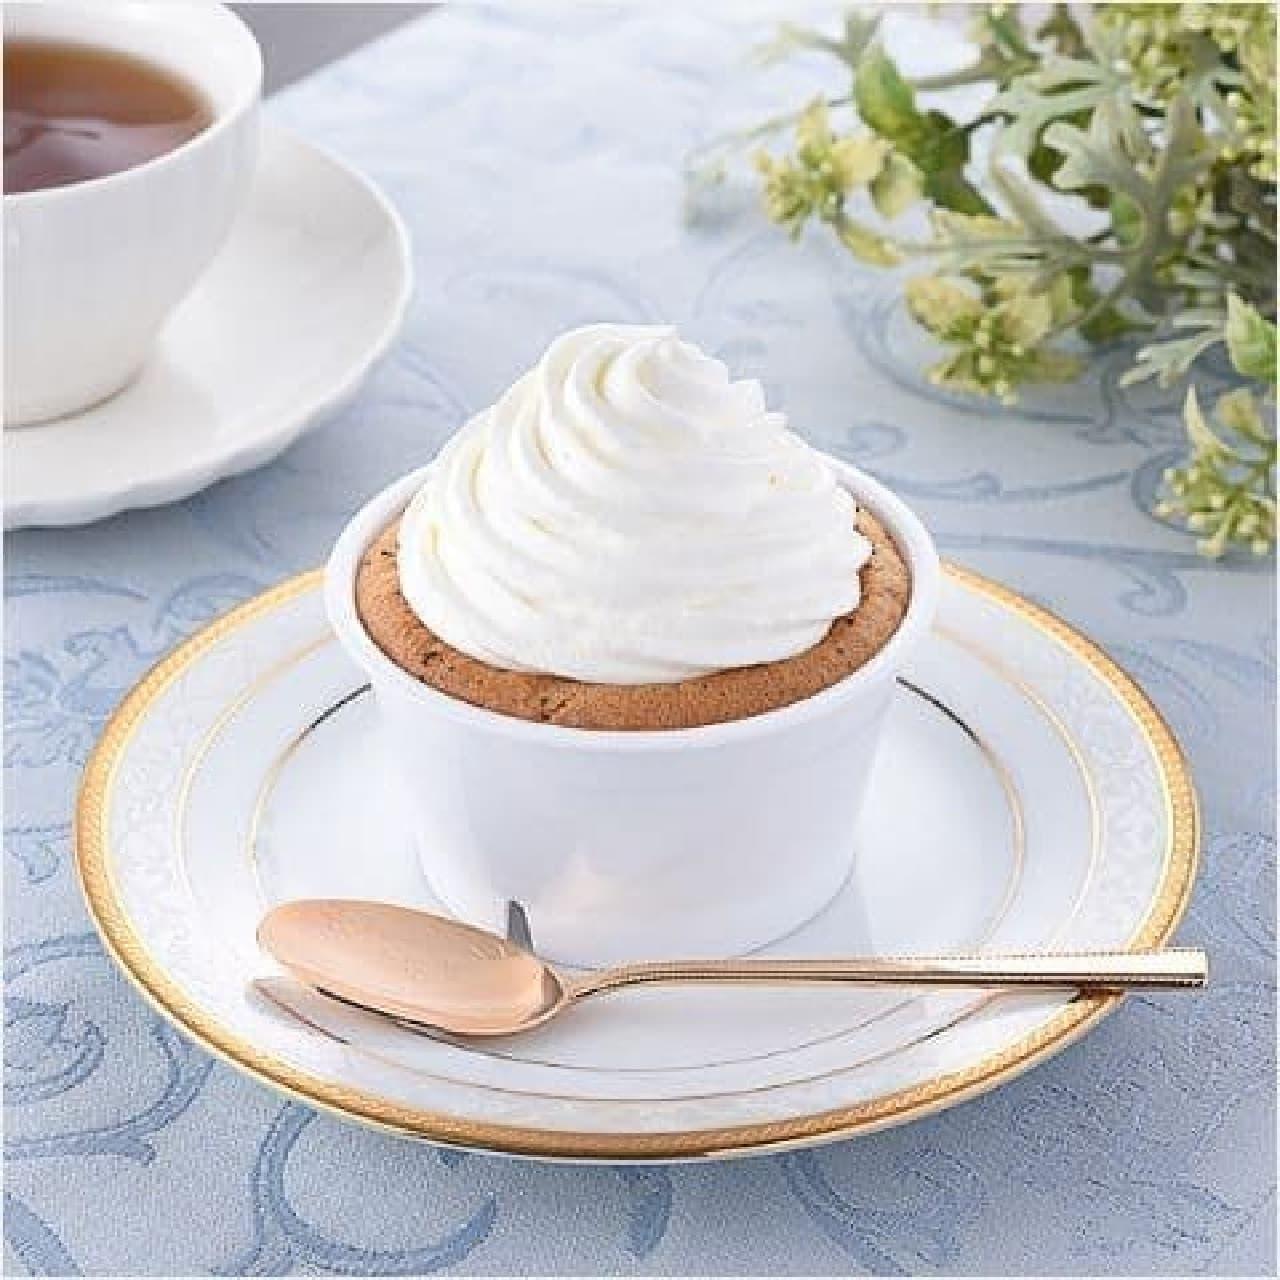 ファミリーマート「クリームほおばる紅茶シフォン」